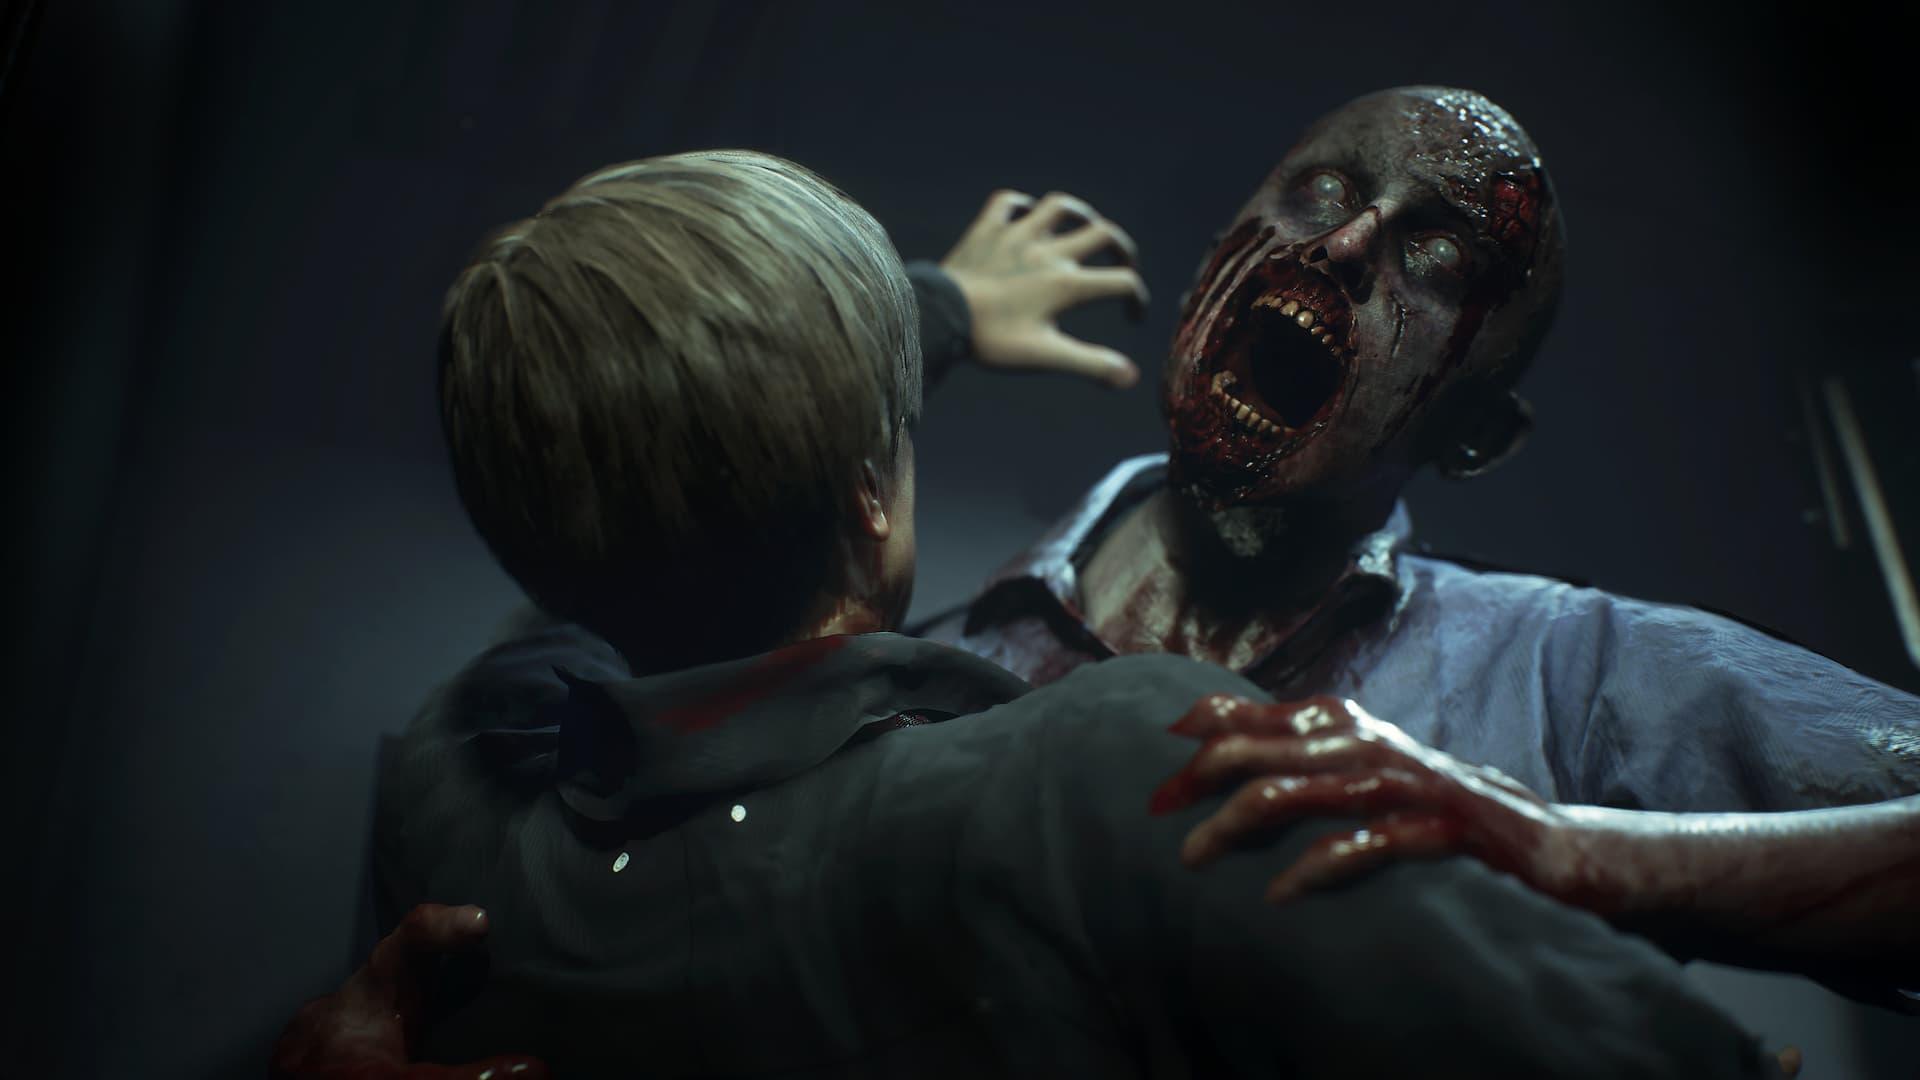 Leon sendo atacado por um zumbi